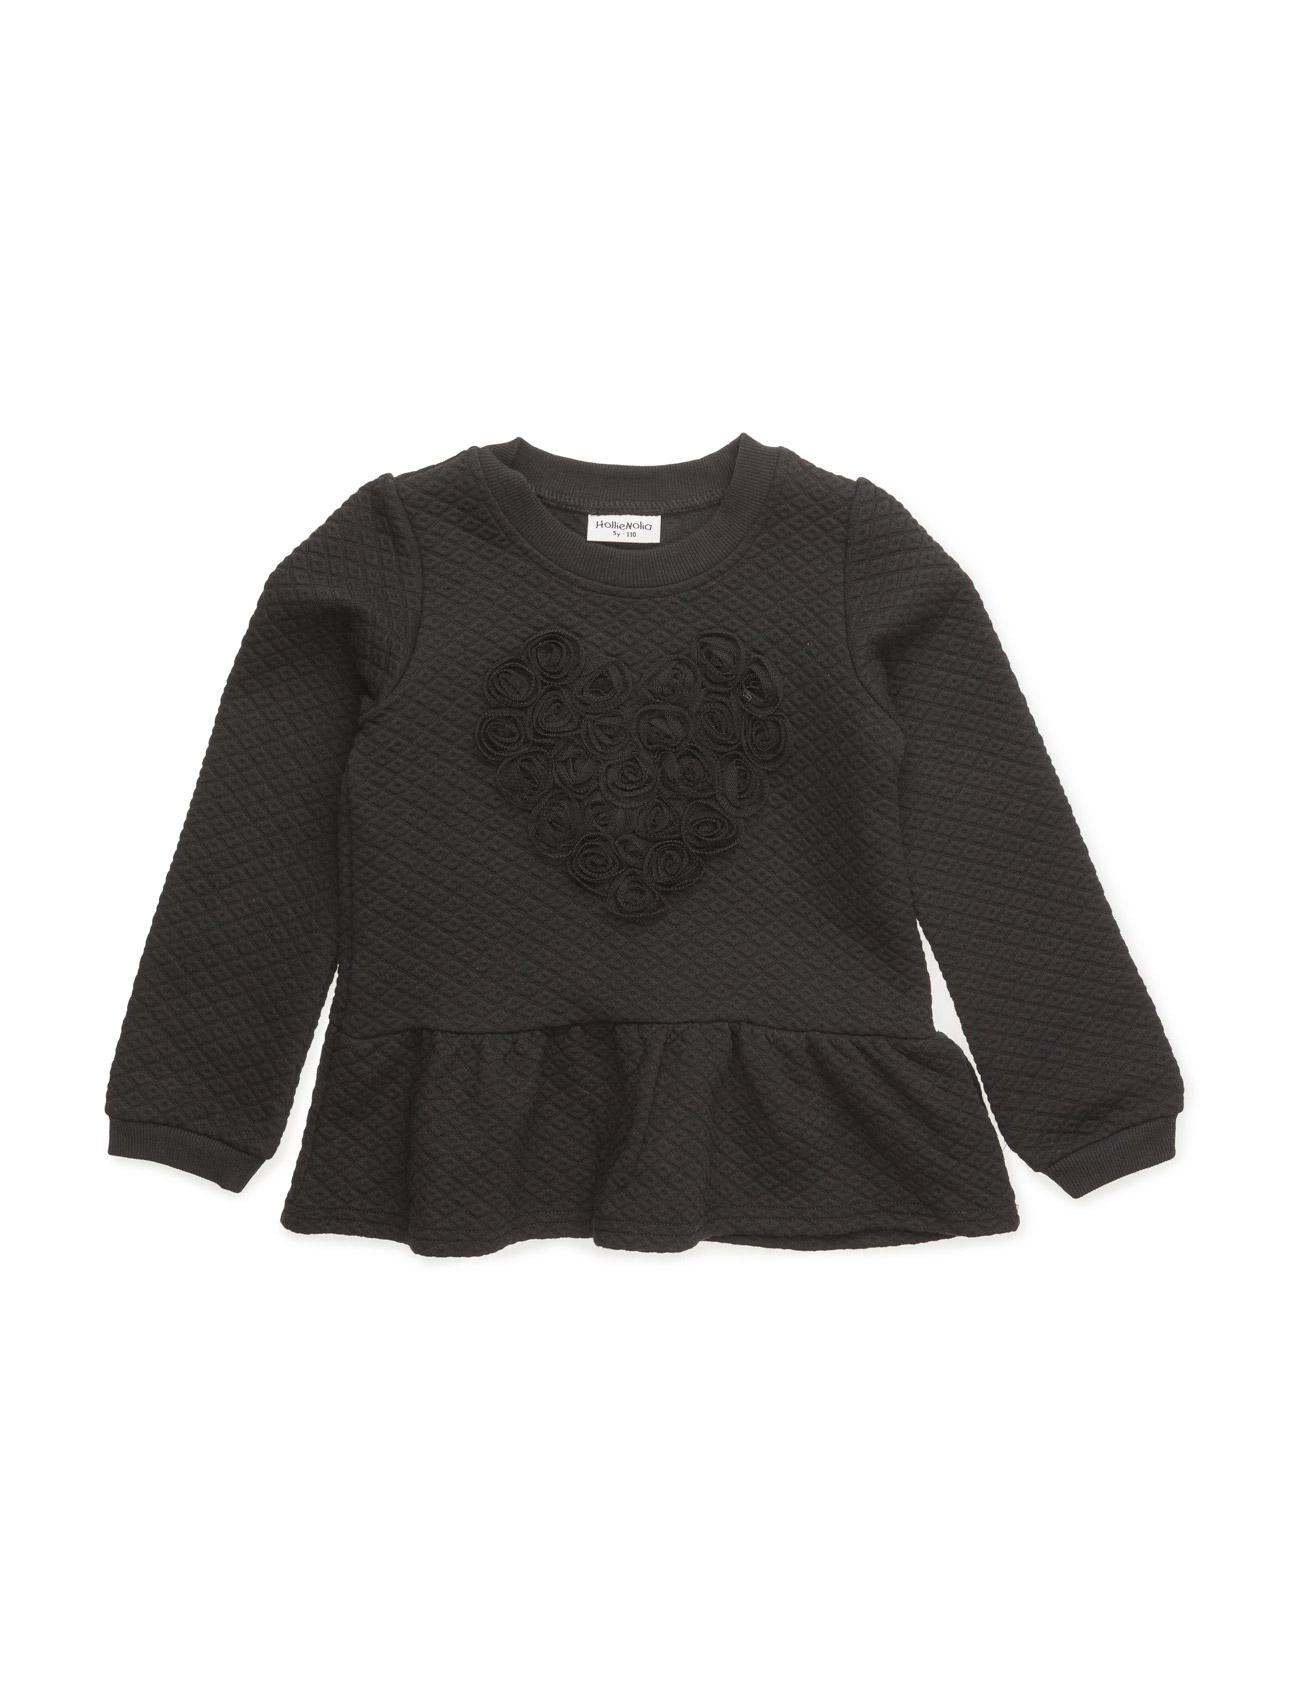 Sweat Shirt Hollie Nolia  til Børn i Sort